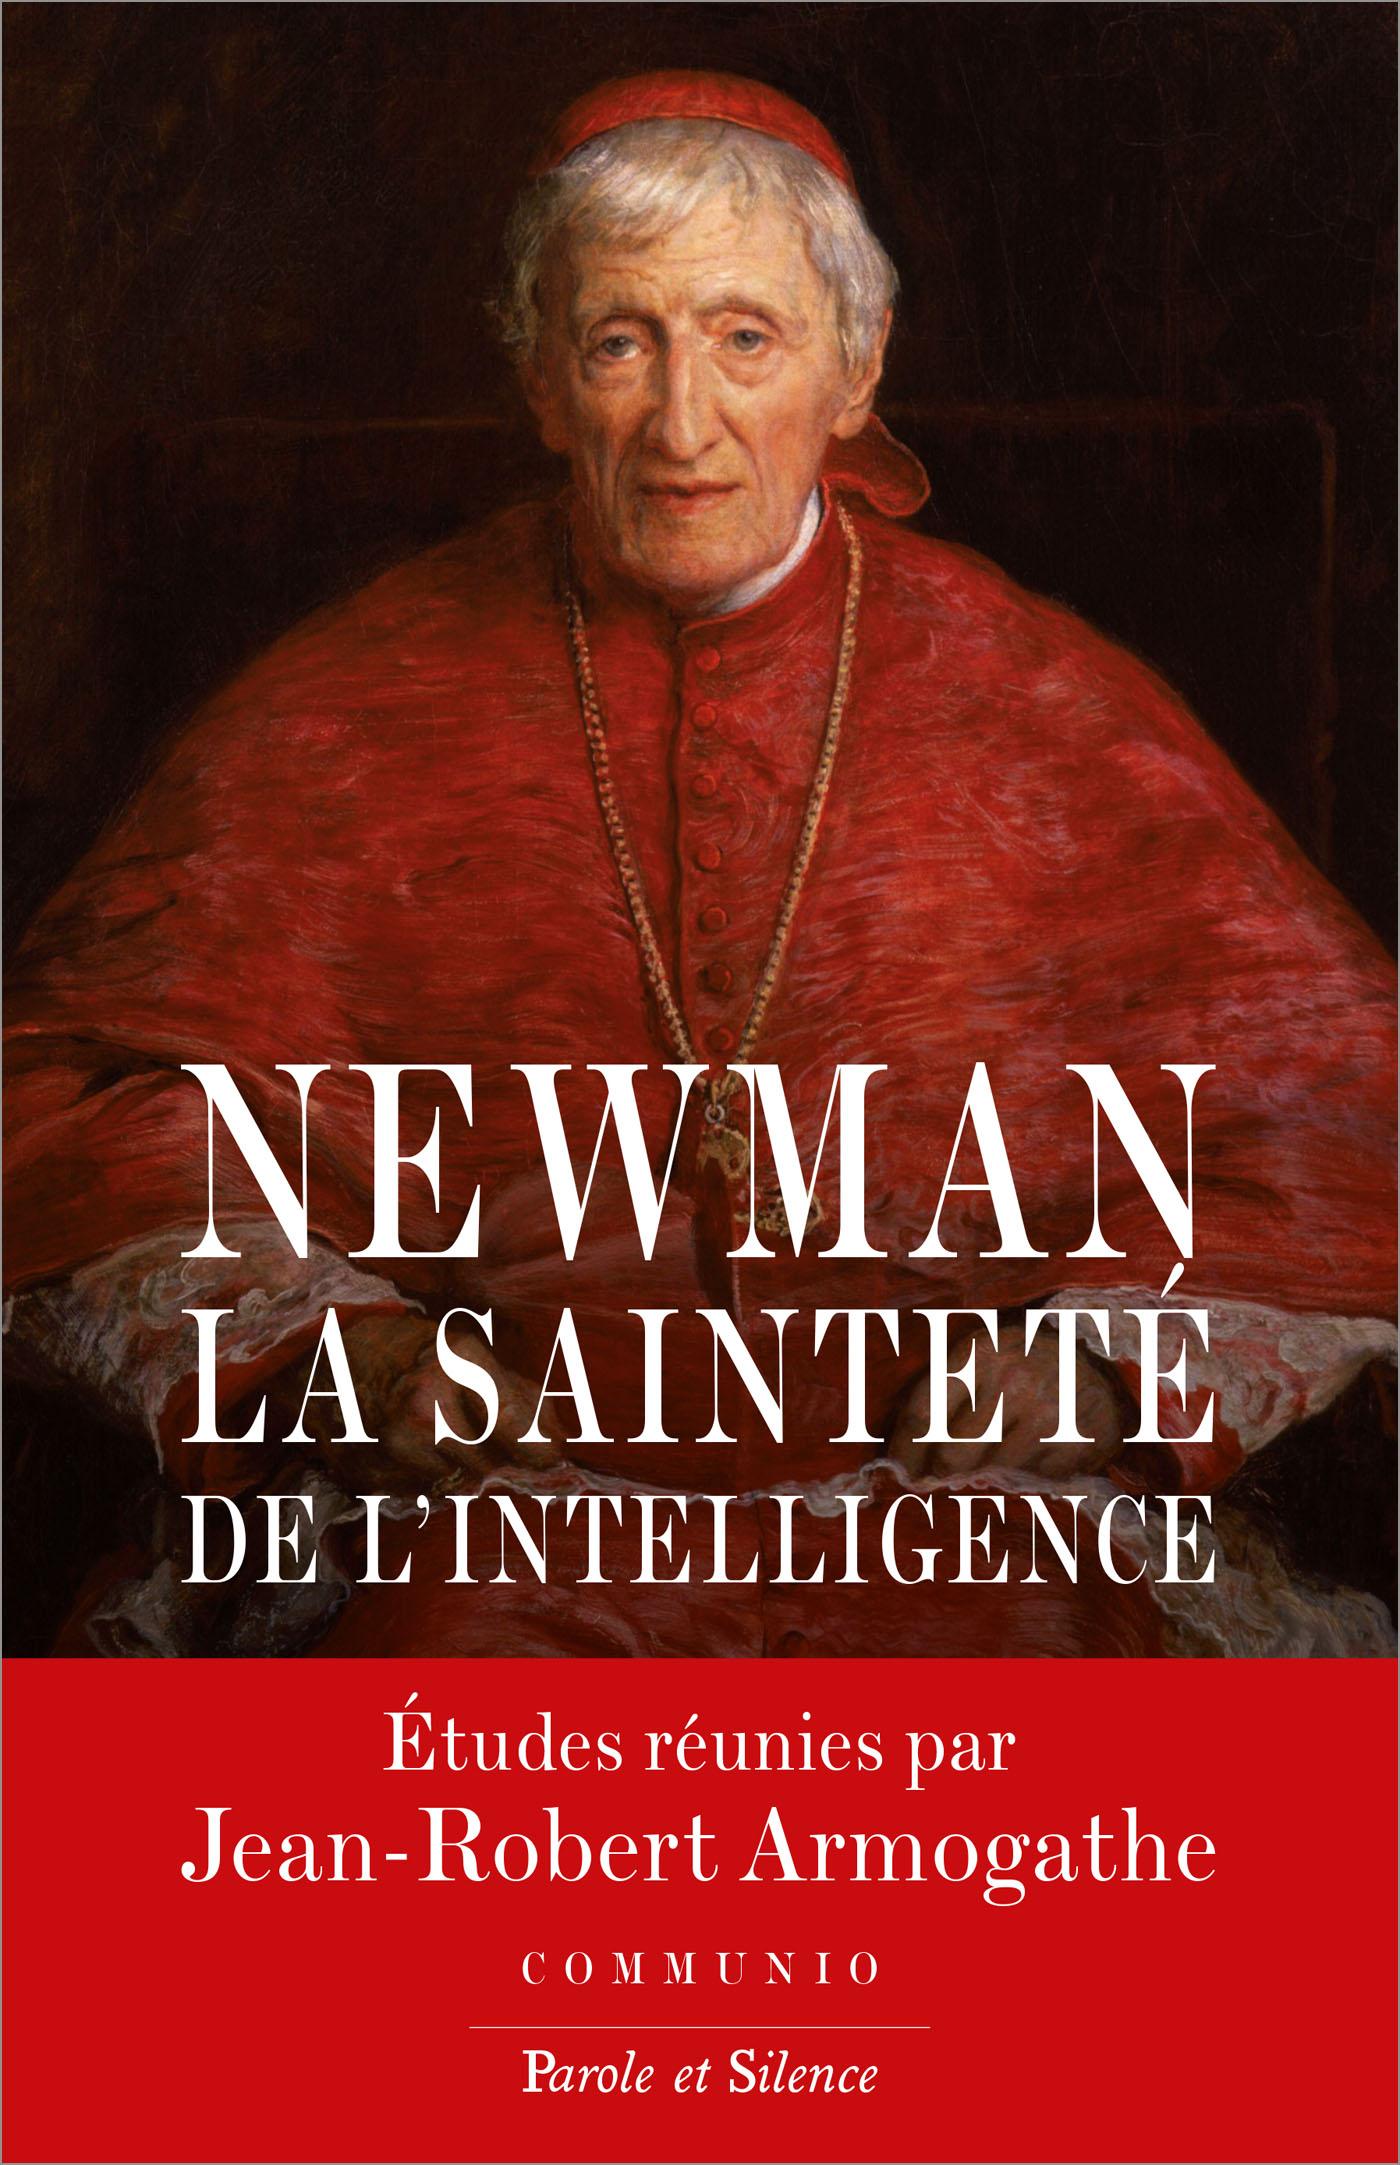 Newman - La sainteté de l'intelligence